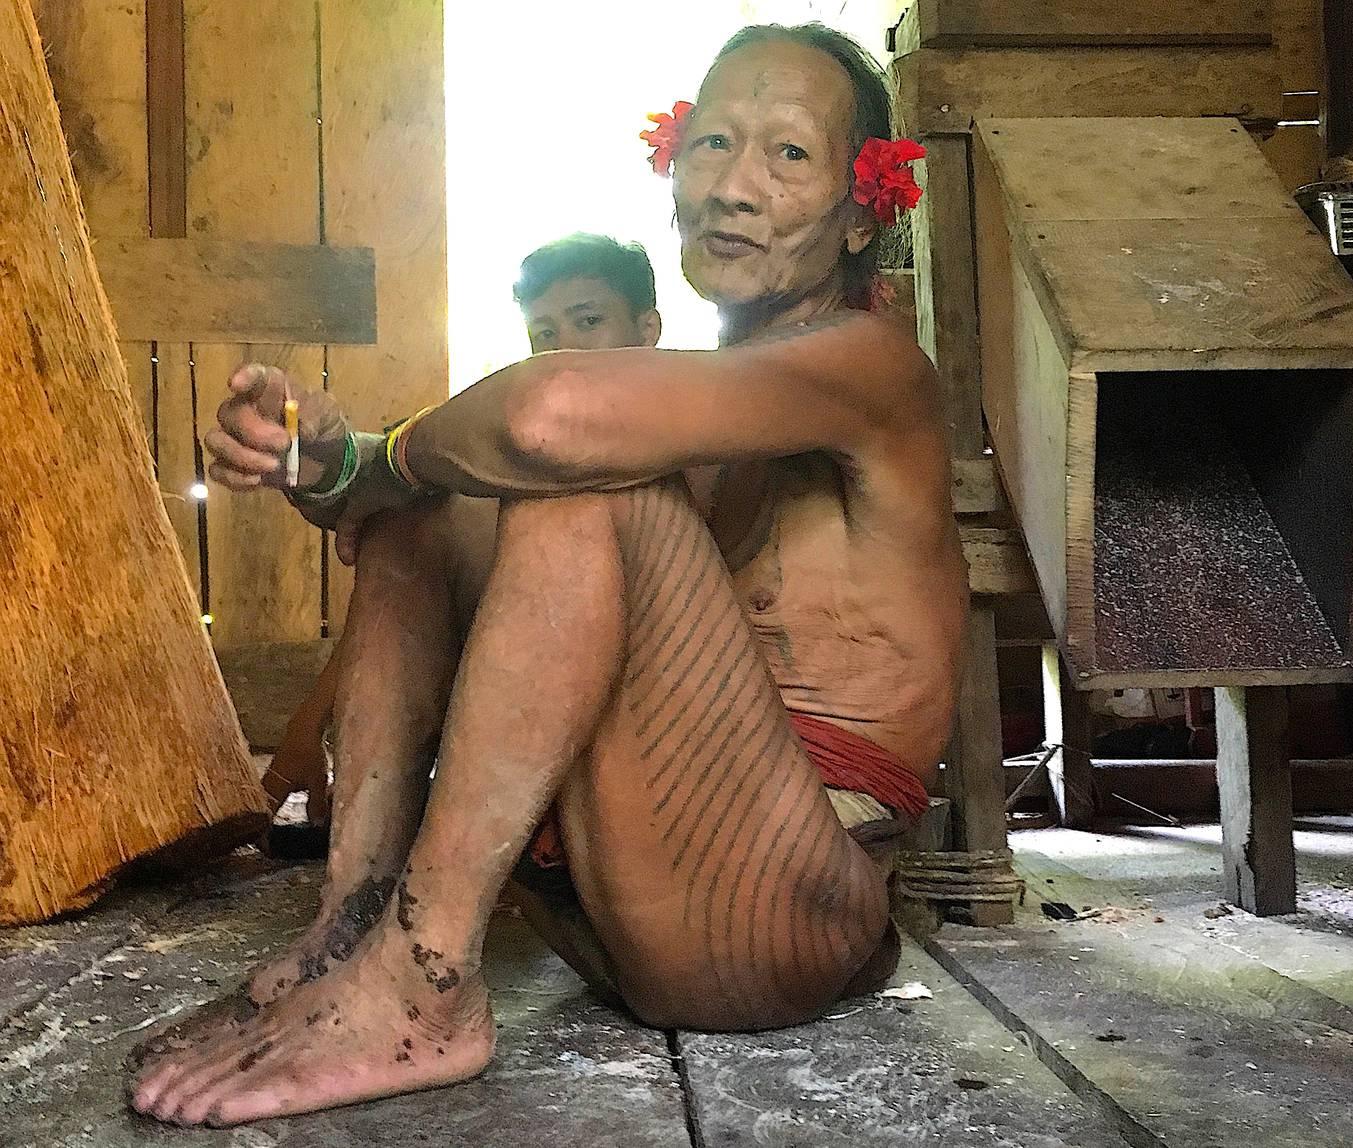 苏门答腊人 #11: Toikot, mentawai shaman-elder of siberut island – Rolf Potts